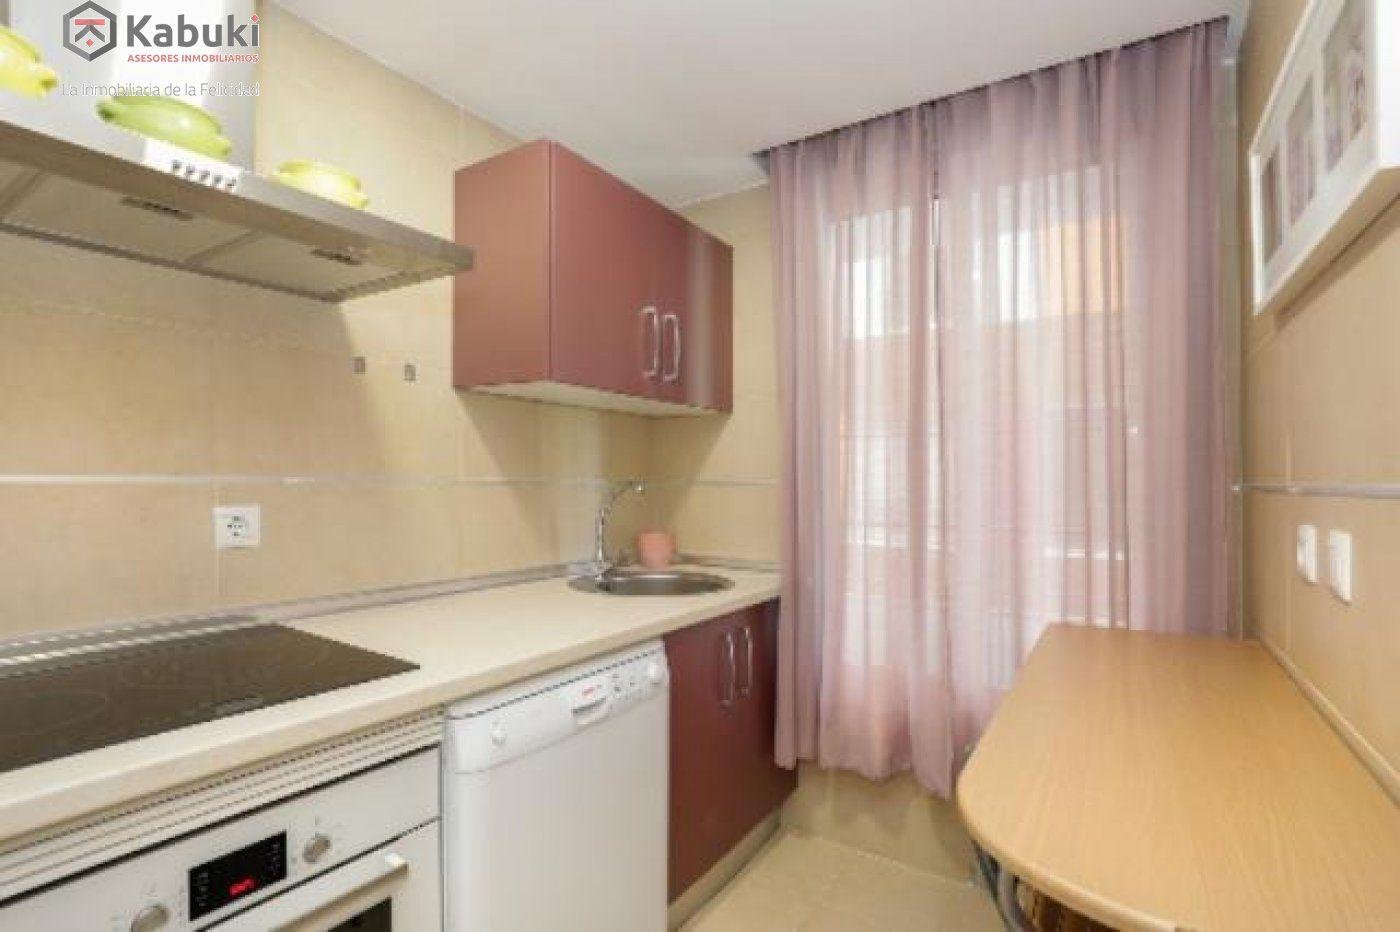 Coqueto y luminoso apartamento en un entorno privilegiado junto a los cahorros - imagenInmueble12